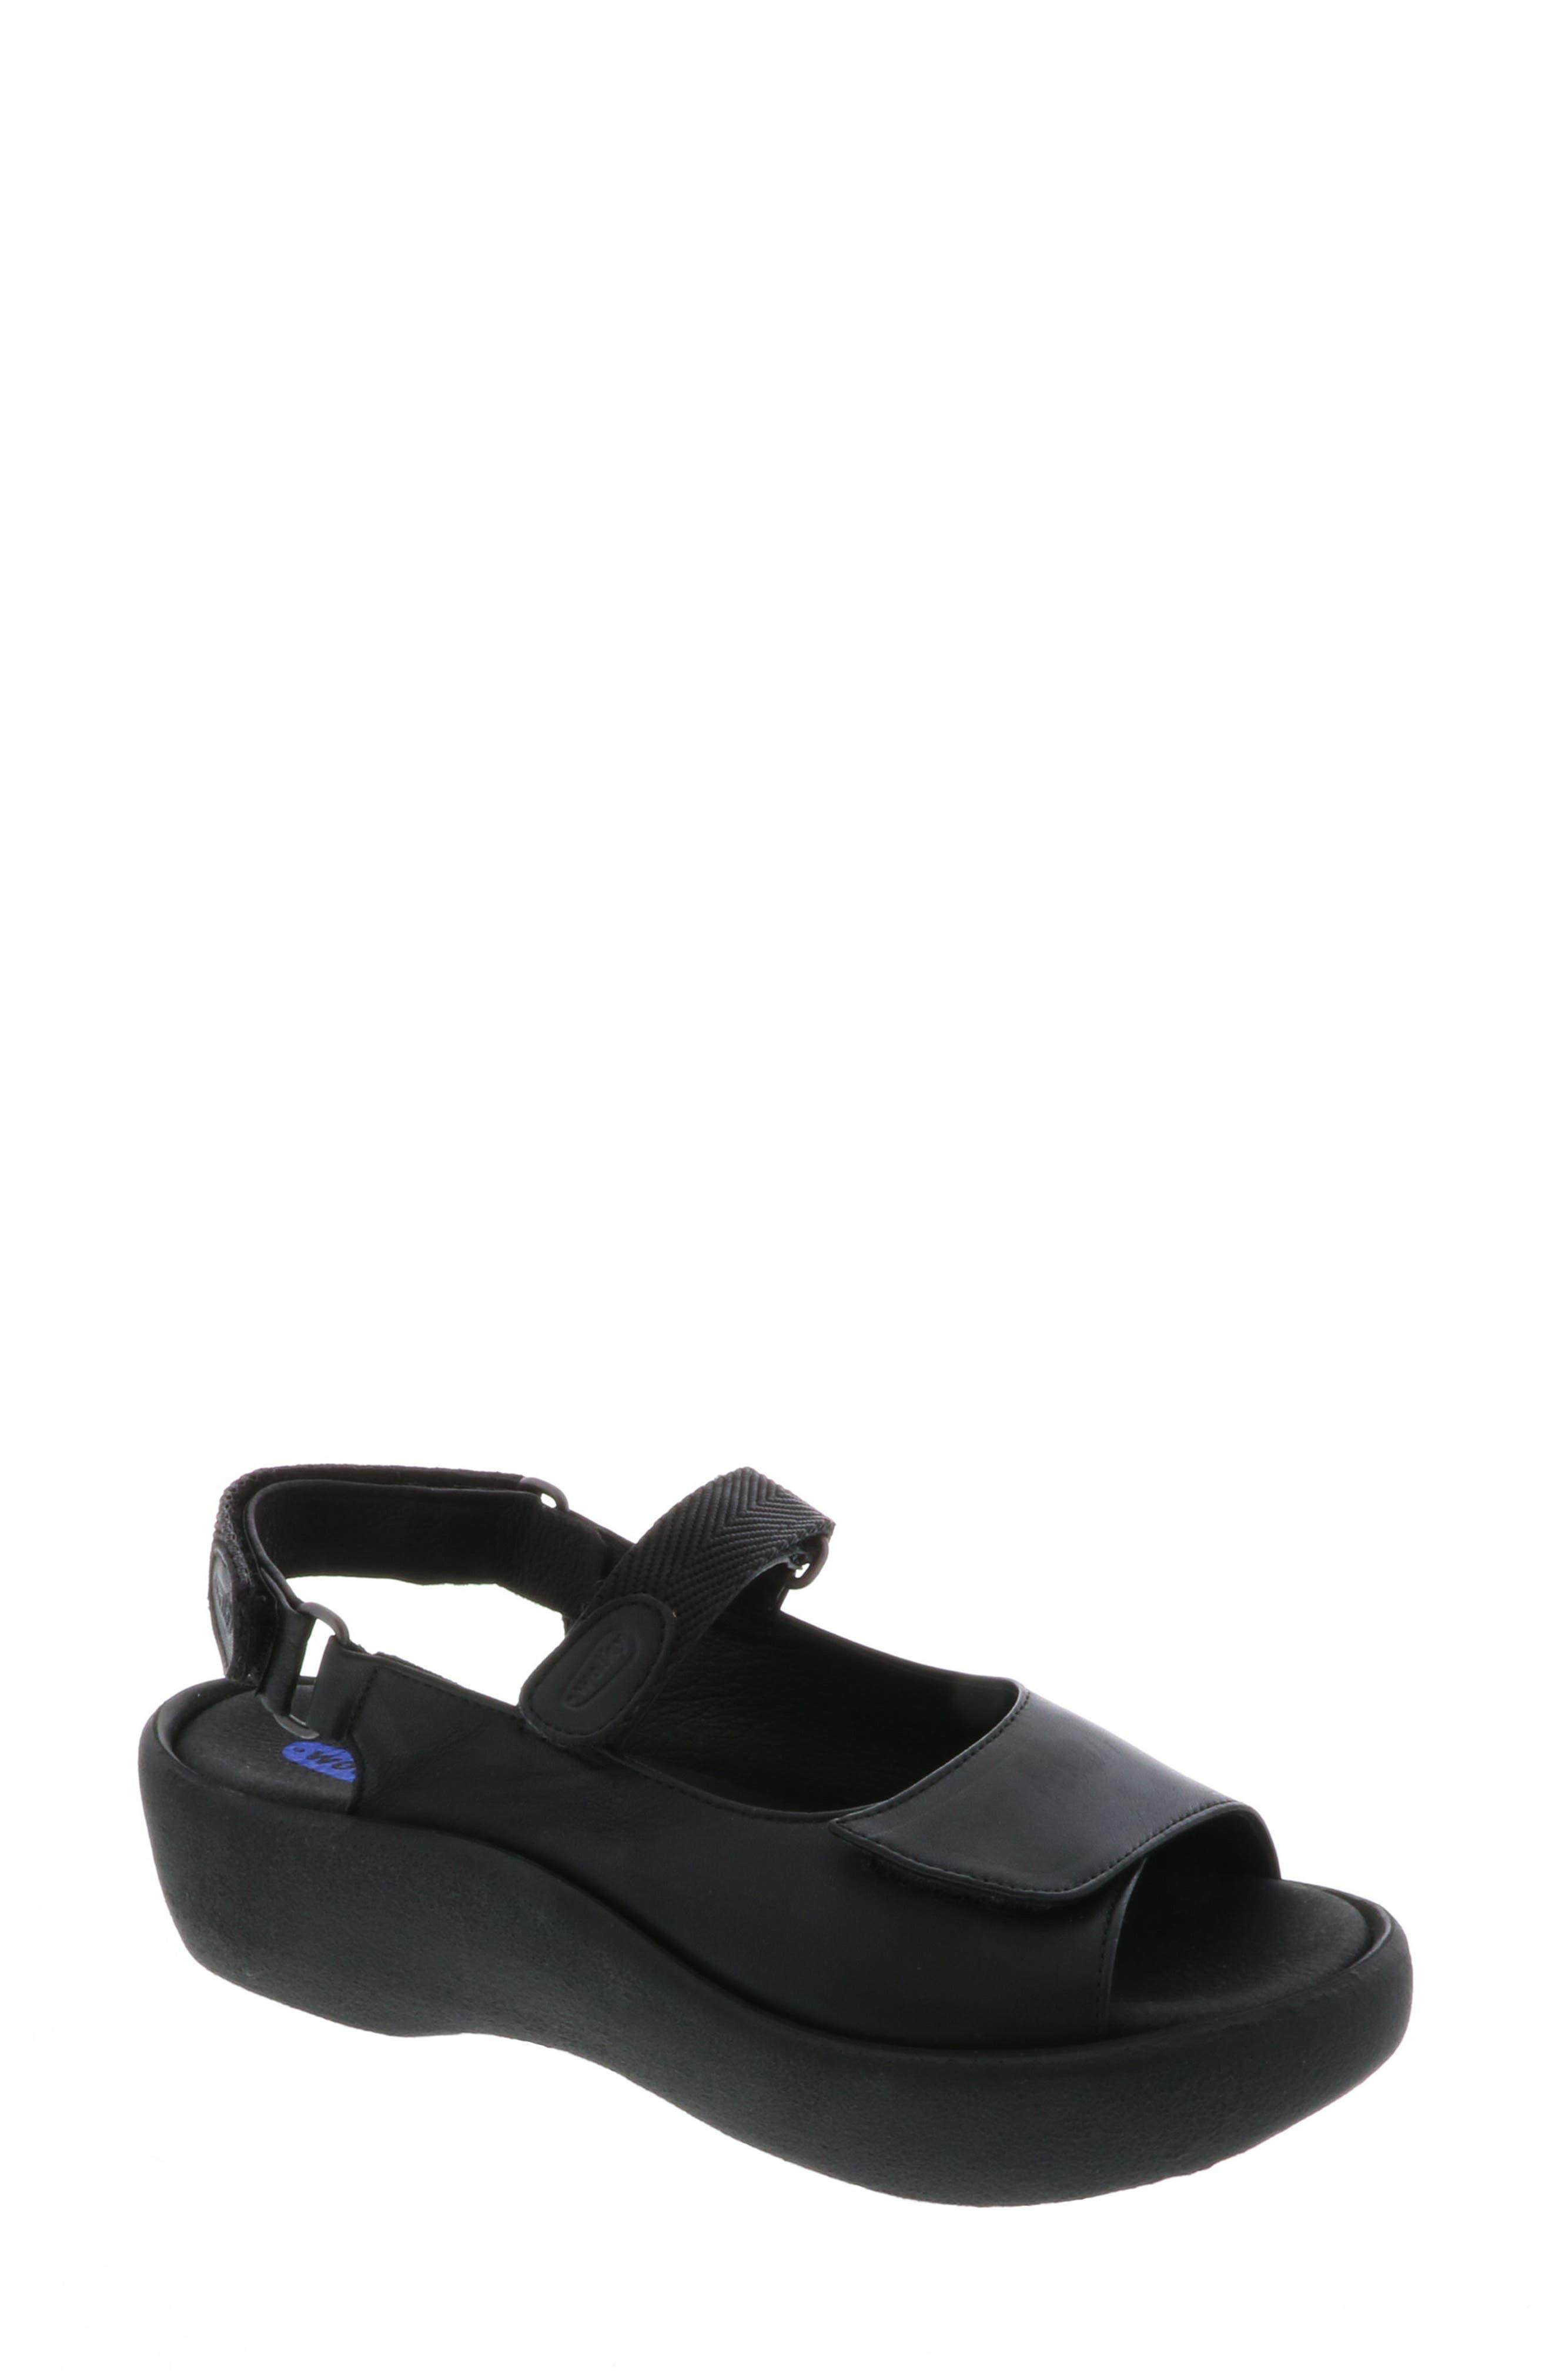 WOLKY, Jewel Sport Sandal, Main thumbnail 1, color, BLACK/ BLACK